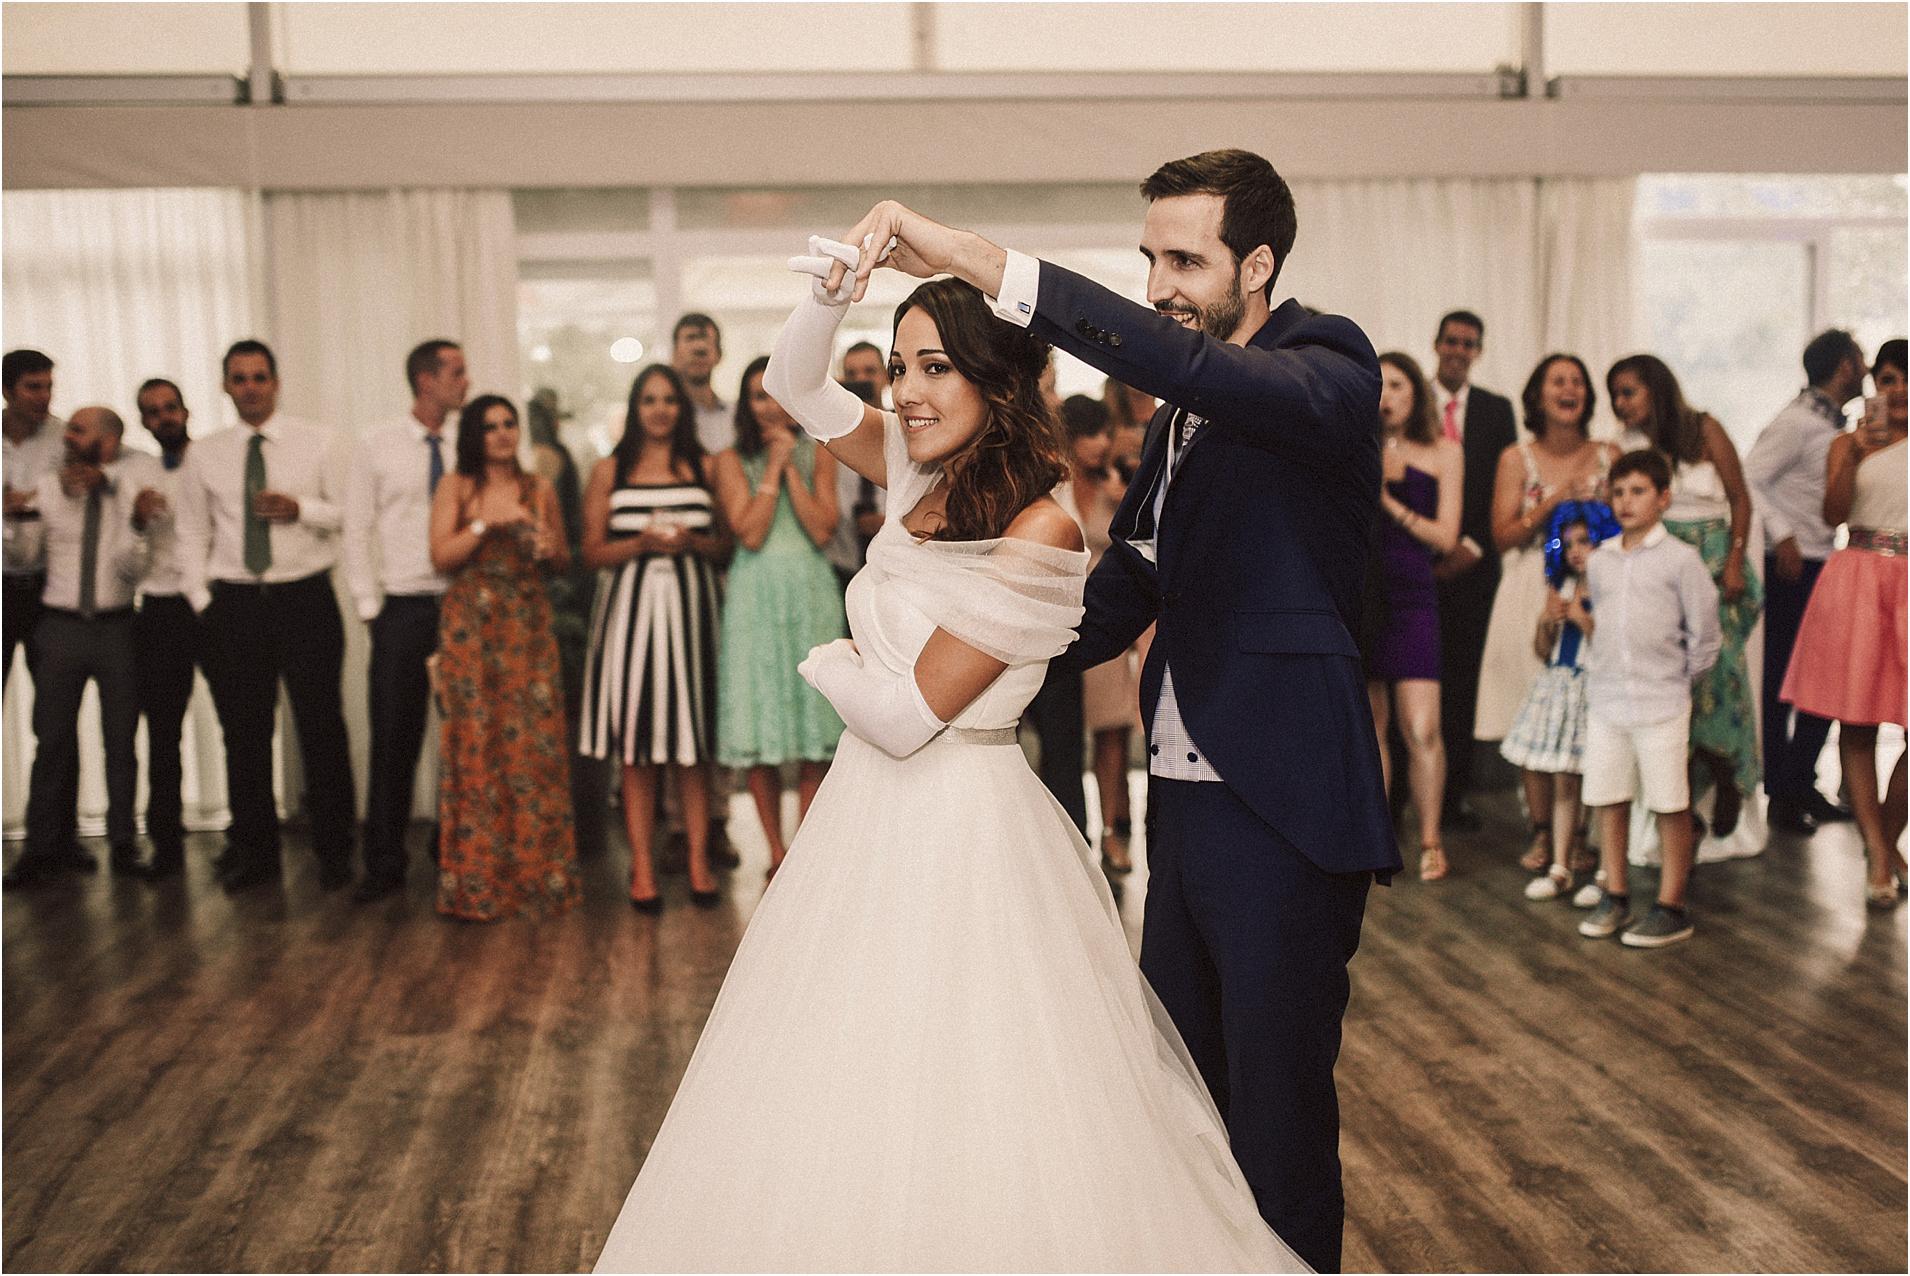 Fotografos-de-boda-donostia-zaragoza-san-sebastian-destination-wedding-photographer-104.jpg